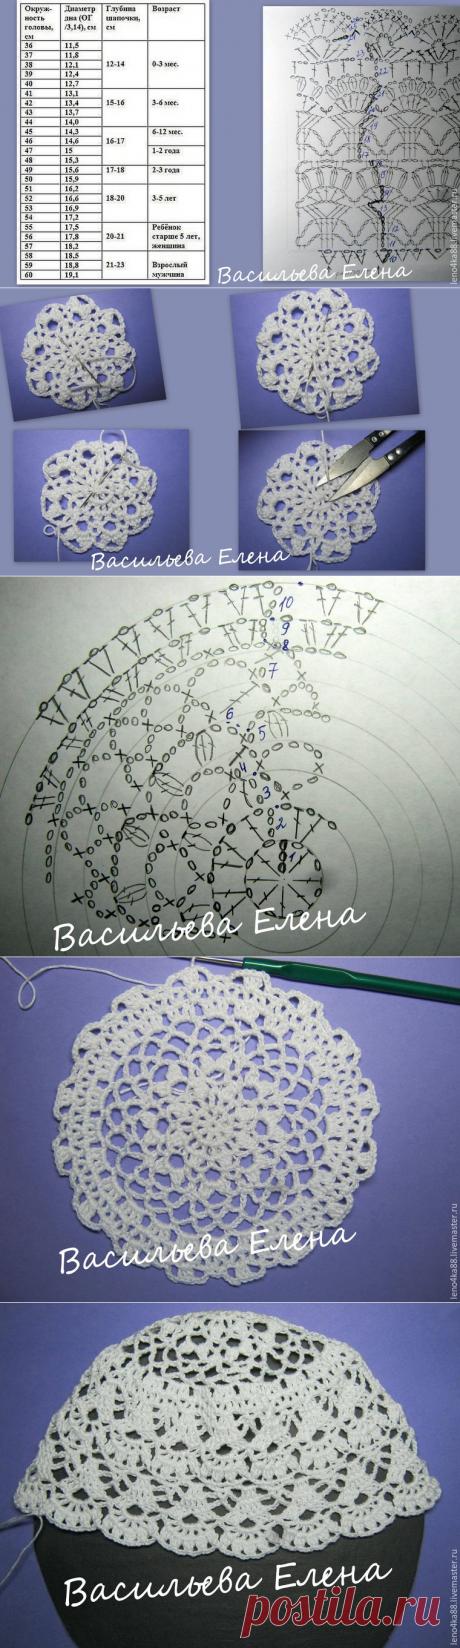 Мастер-класс по вязанию крючком шапочки «Лилия» - Ярмарка Мастеров - ручная работа, handmade